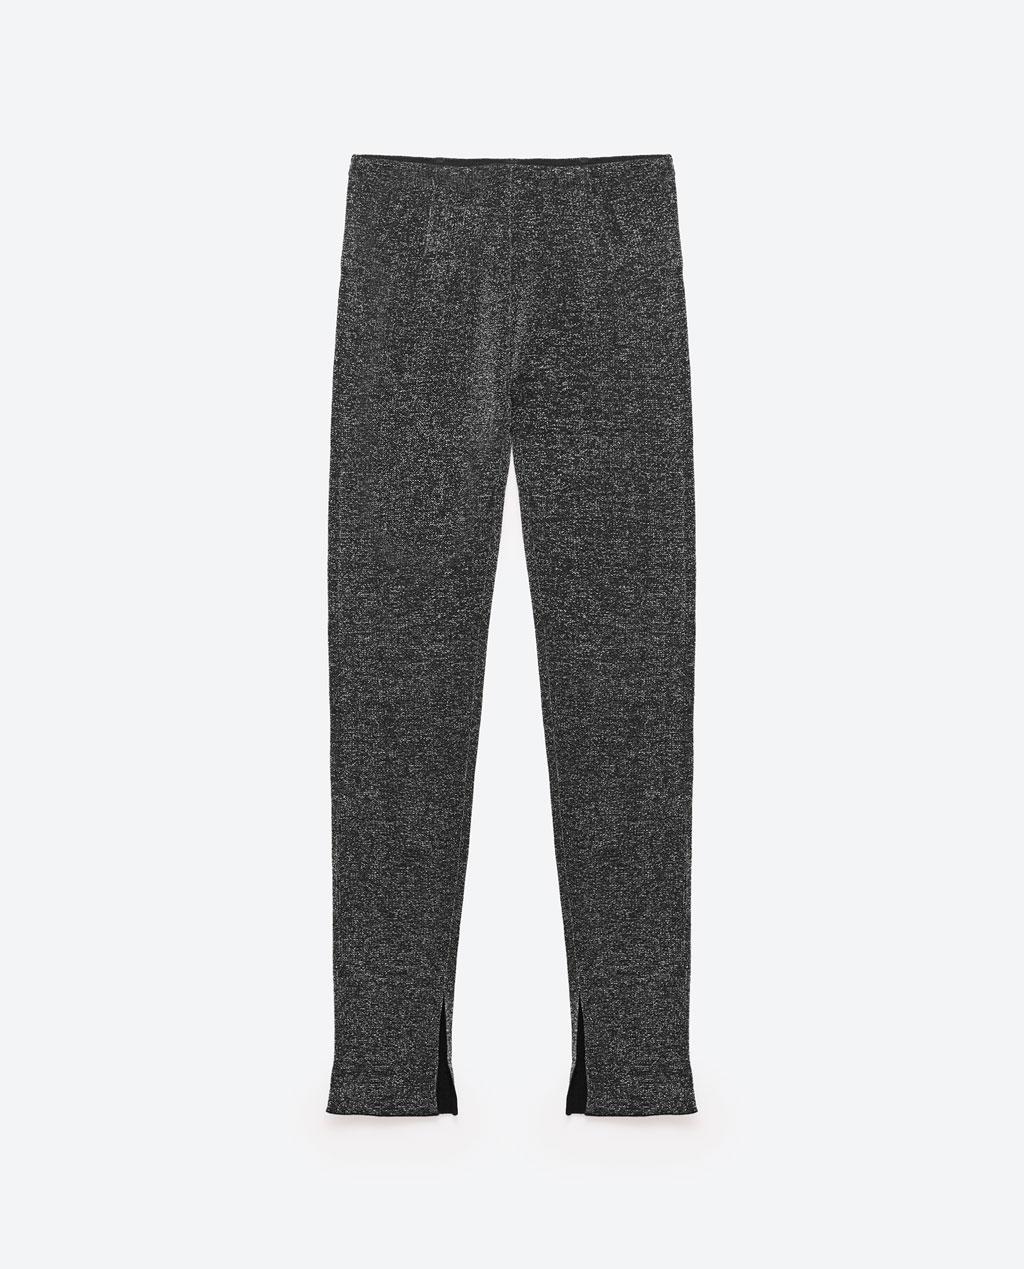 http://www.zara.com/us/en/sale/woman/trousers/leggings/double-sided-trousers-c541546p3910087.html